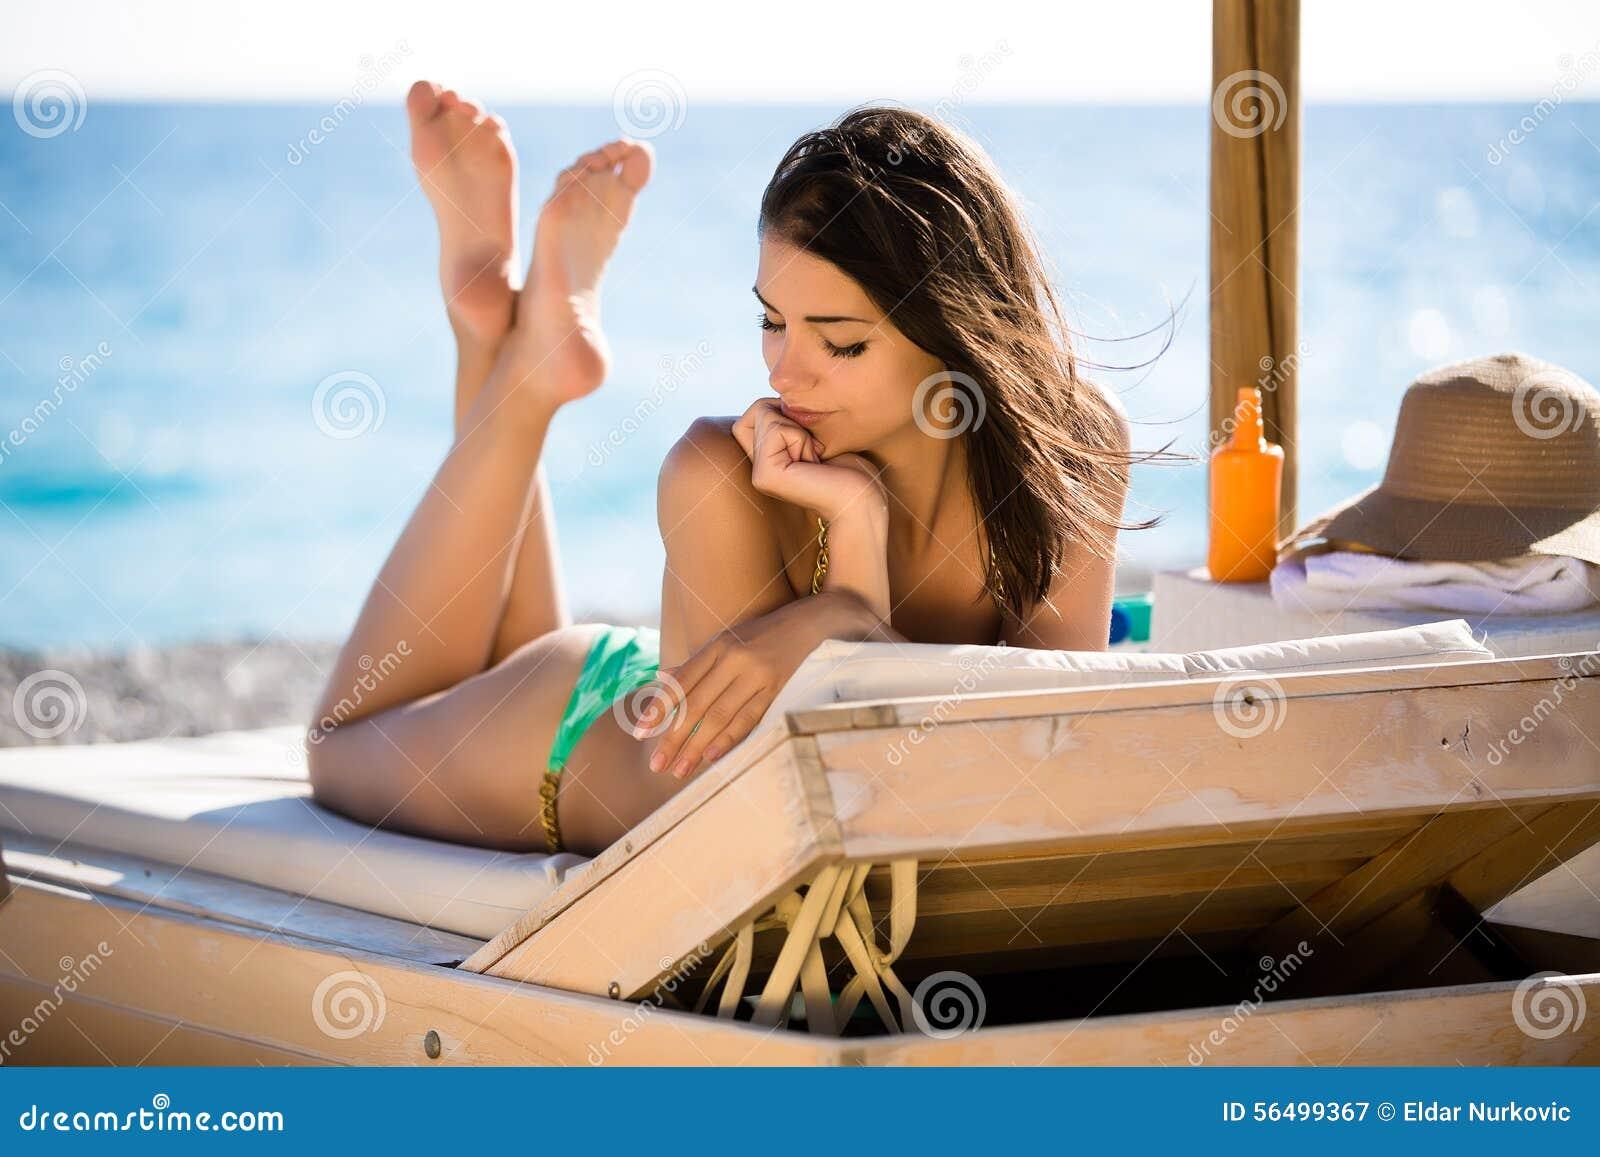 Banho de sol bonito de sorriso da mulher em um biquini em uma praia no recurso tropical do curso, apreciando férias de verão Jove